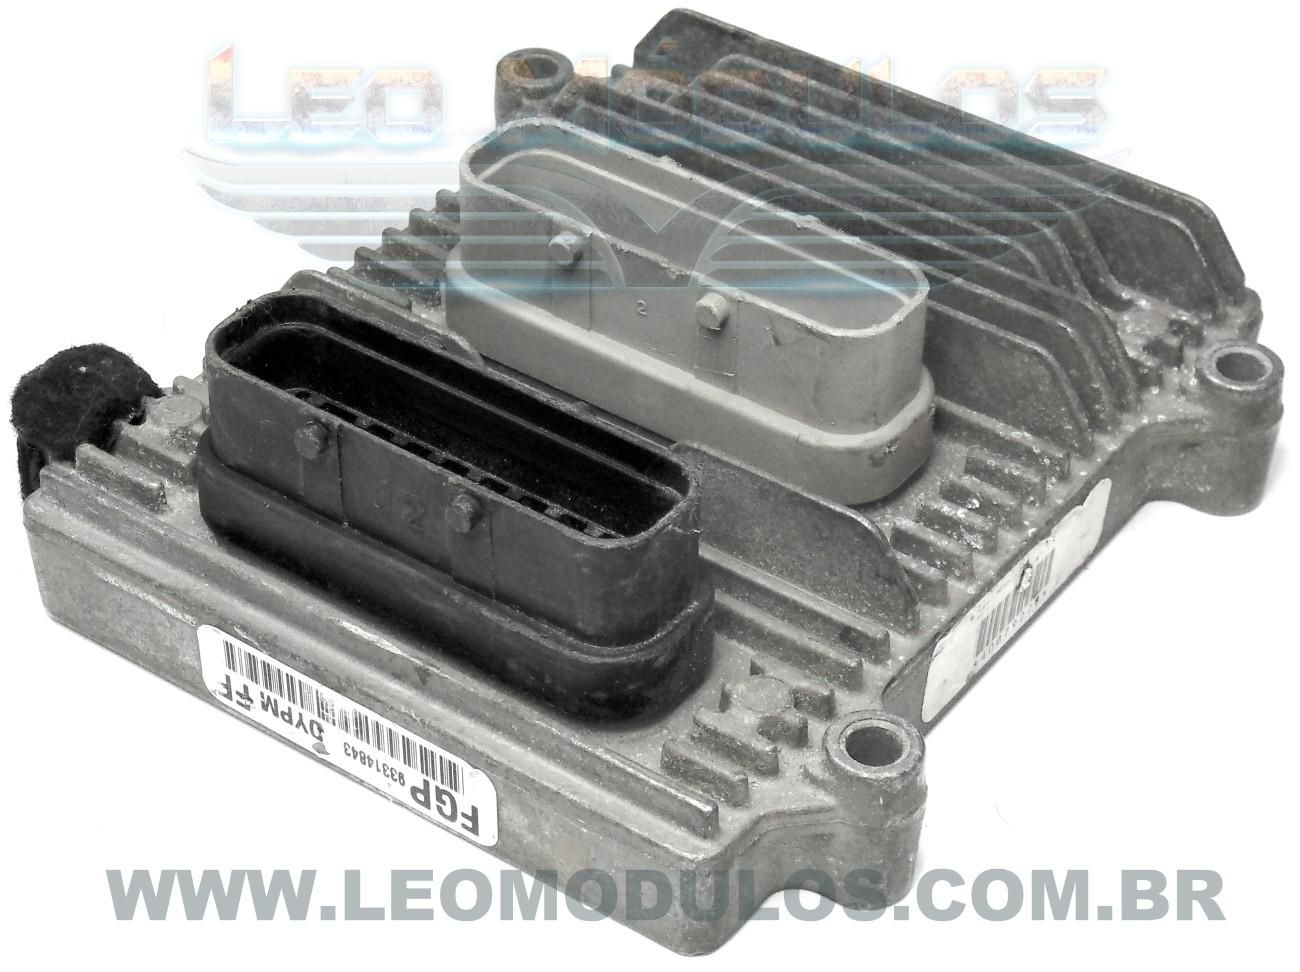 Módulo de injeção multec H - DYPM FF 93314843 - Chevrolet Corsa Classic 1.0 8V - DYPM FF - Leo Módulos